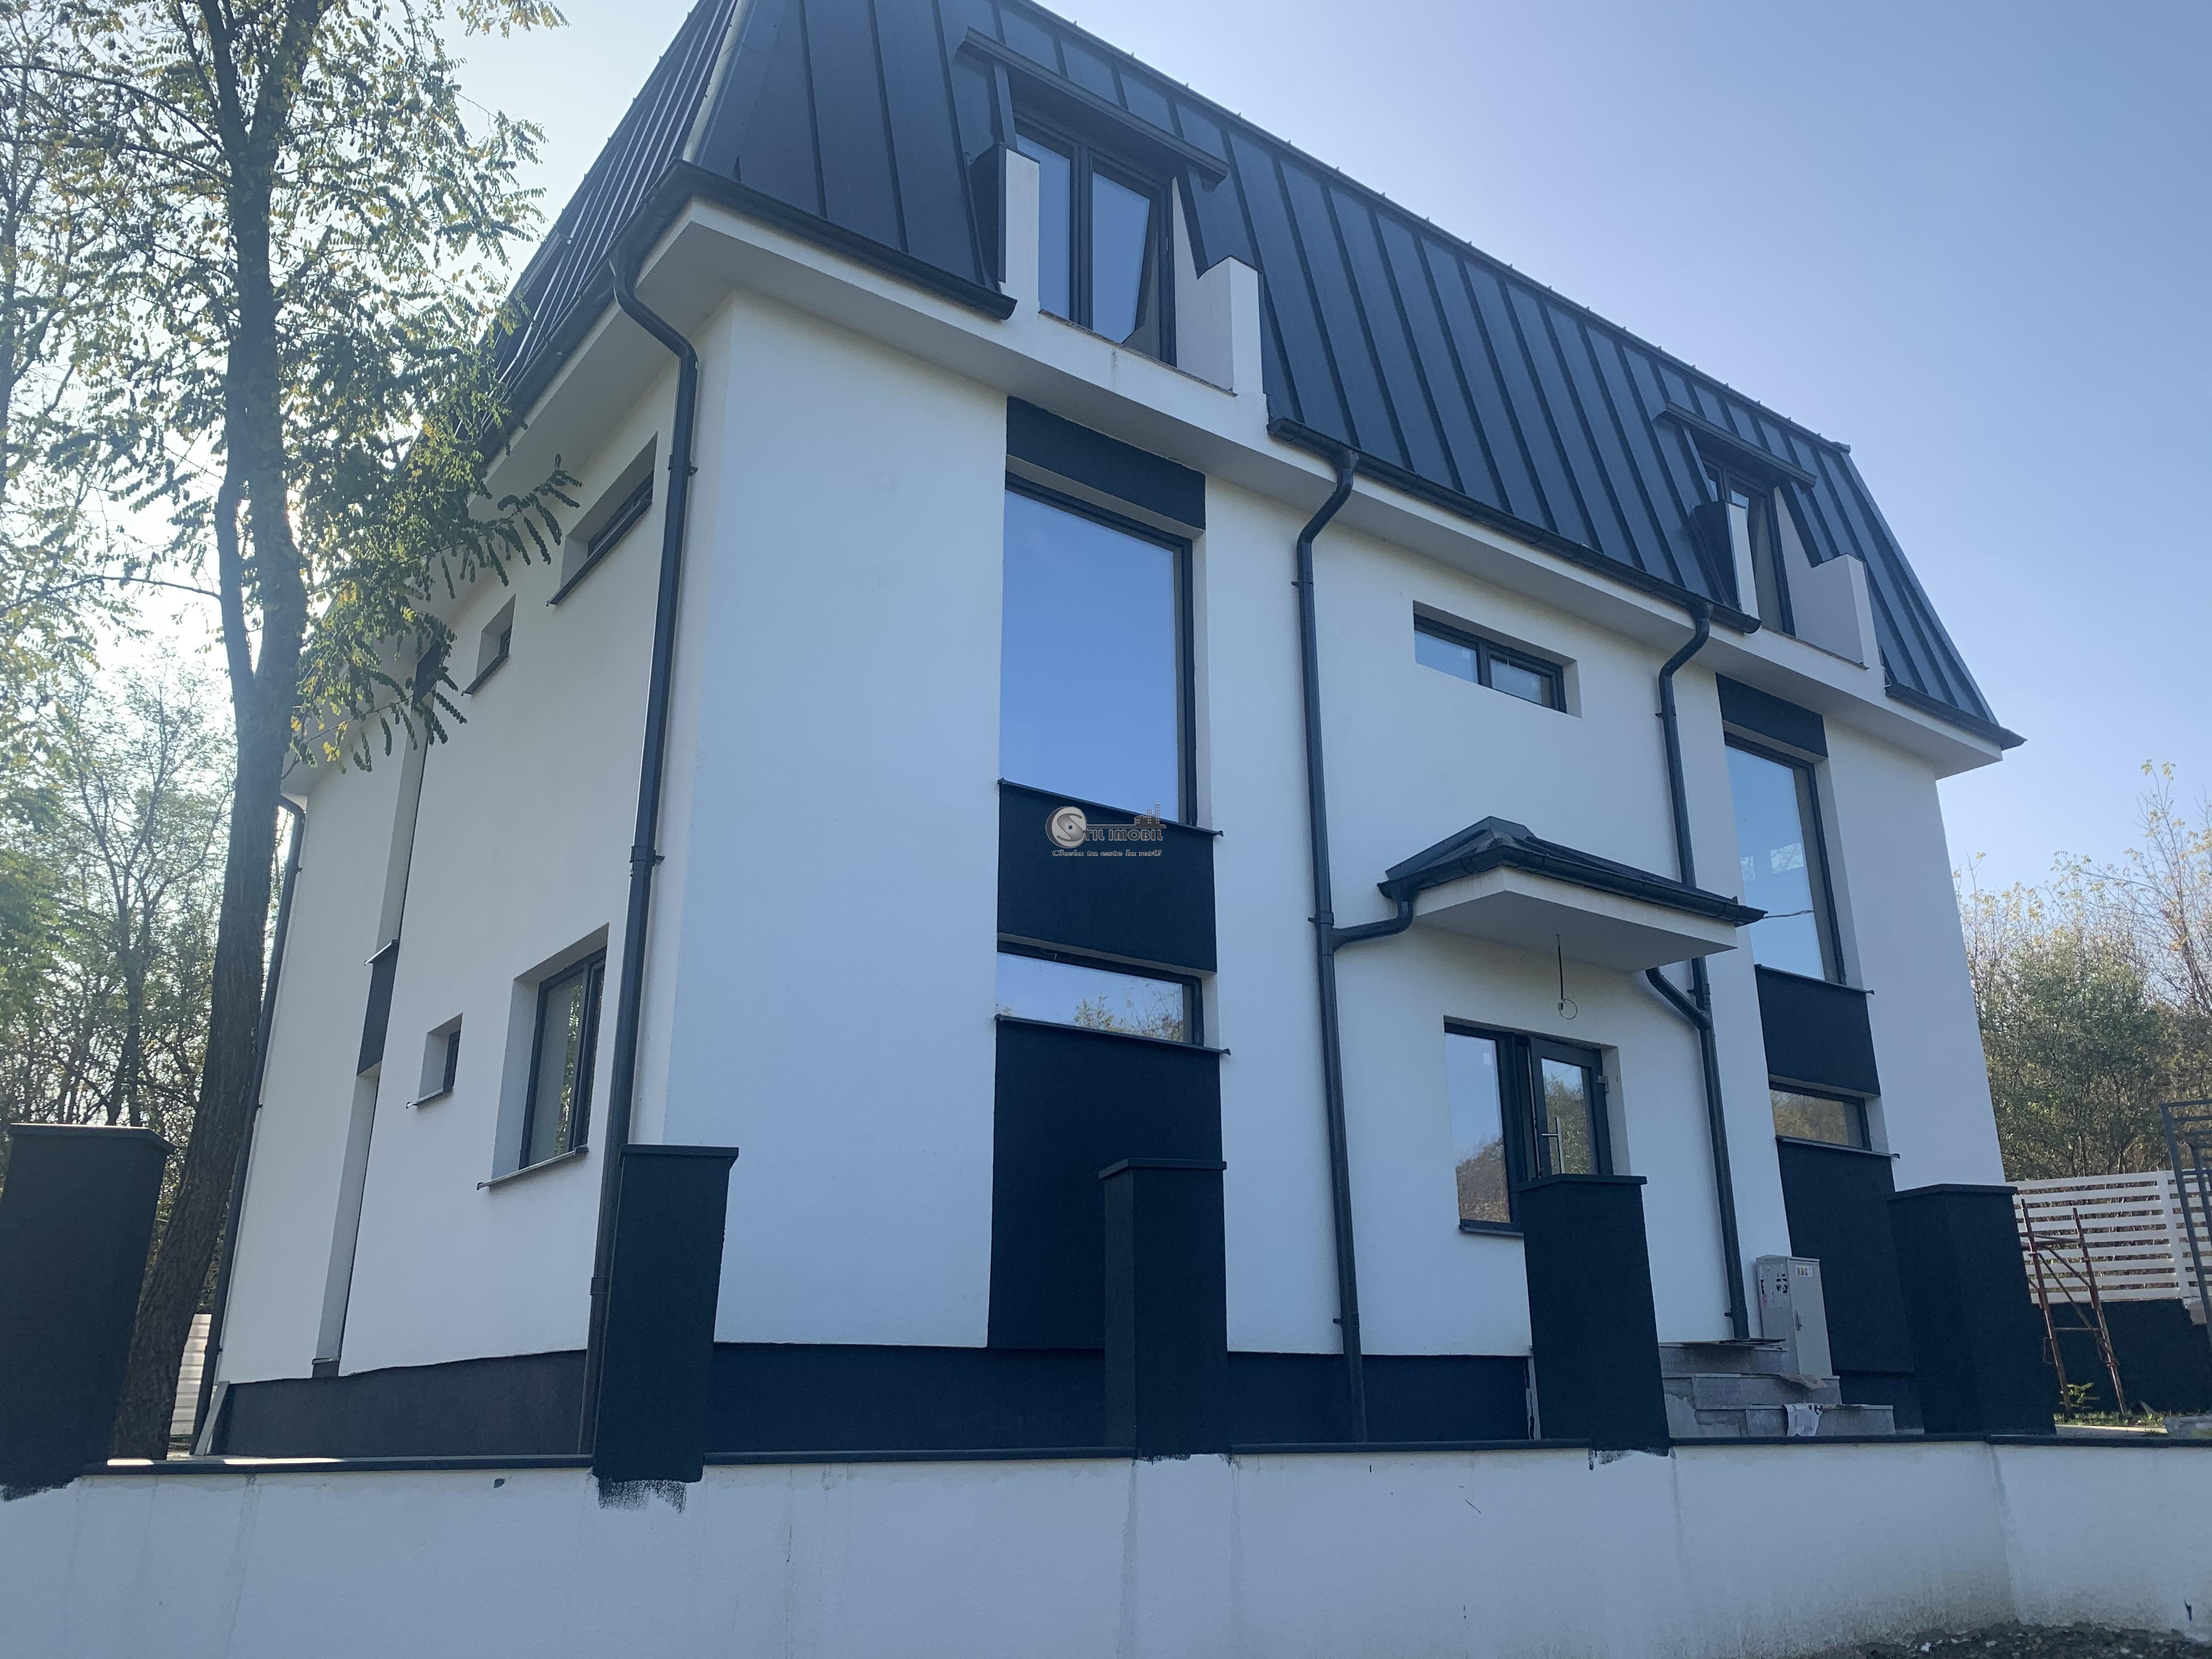 APARTAMENT 2 CAMERE+LOC PARCARE COPOU - CA ROSSETI 56.000 EURO